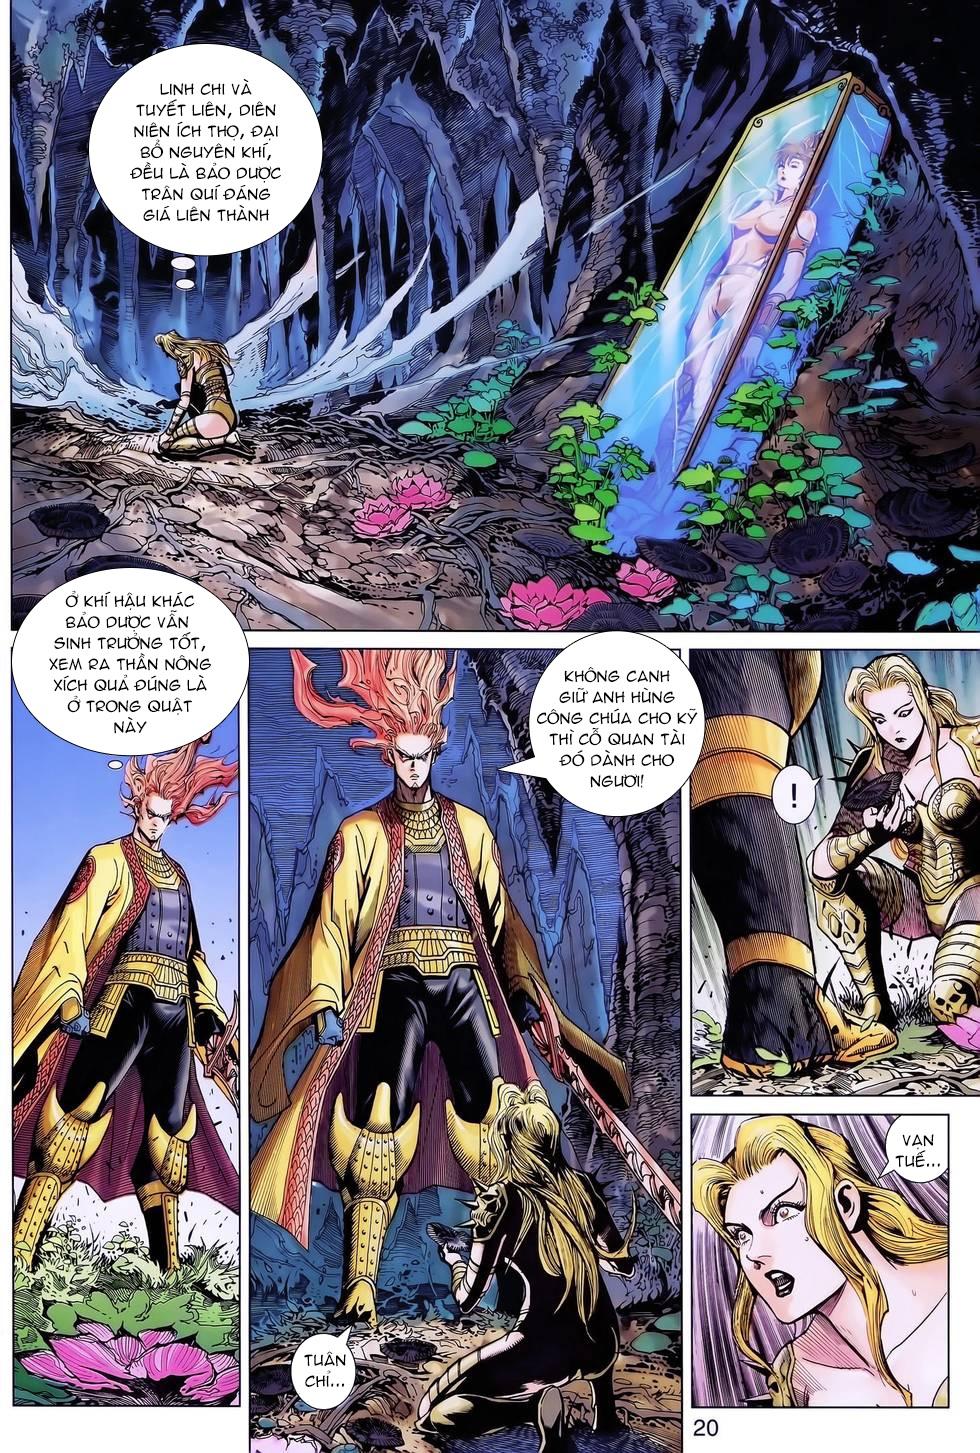 Thần binh huyền kỳ 3 - 3.5 tập 172 - 7